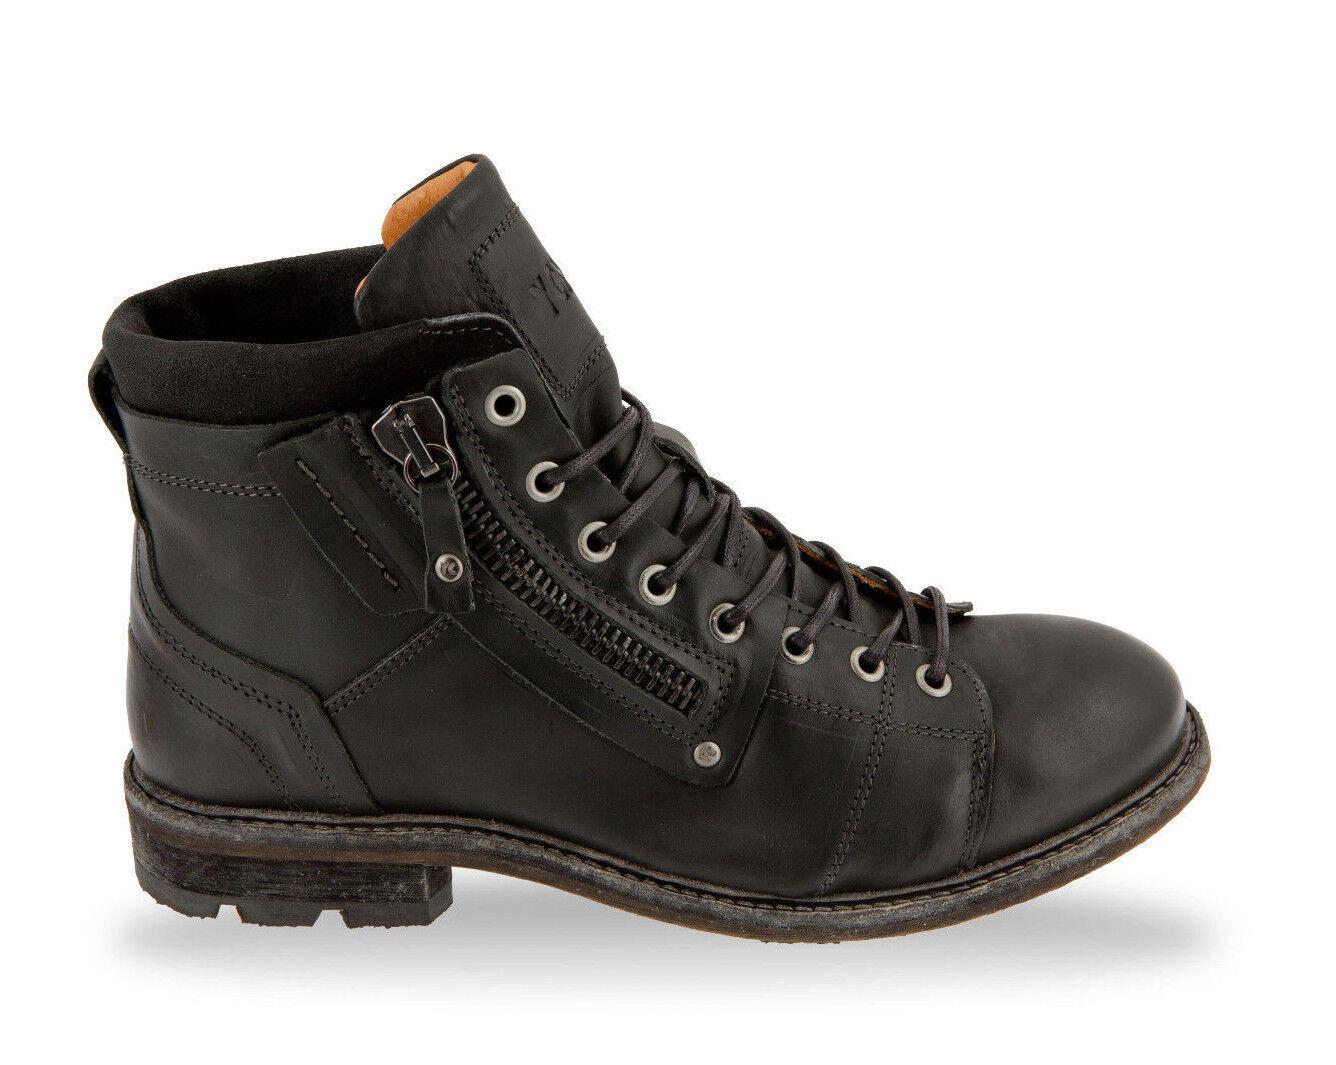 amarillo Cab zapatos caballero zapatos schnürzapatos botas Engine y15300 negro negro